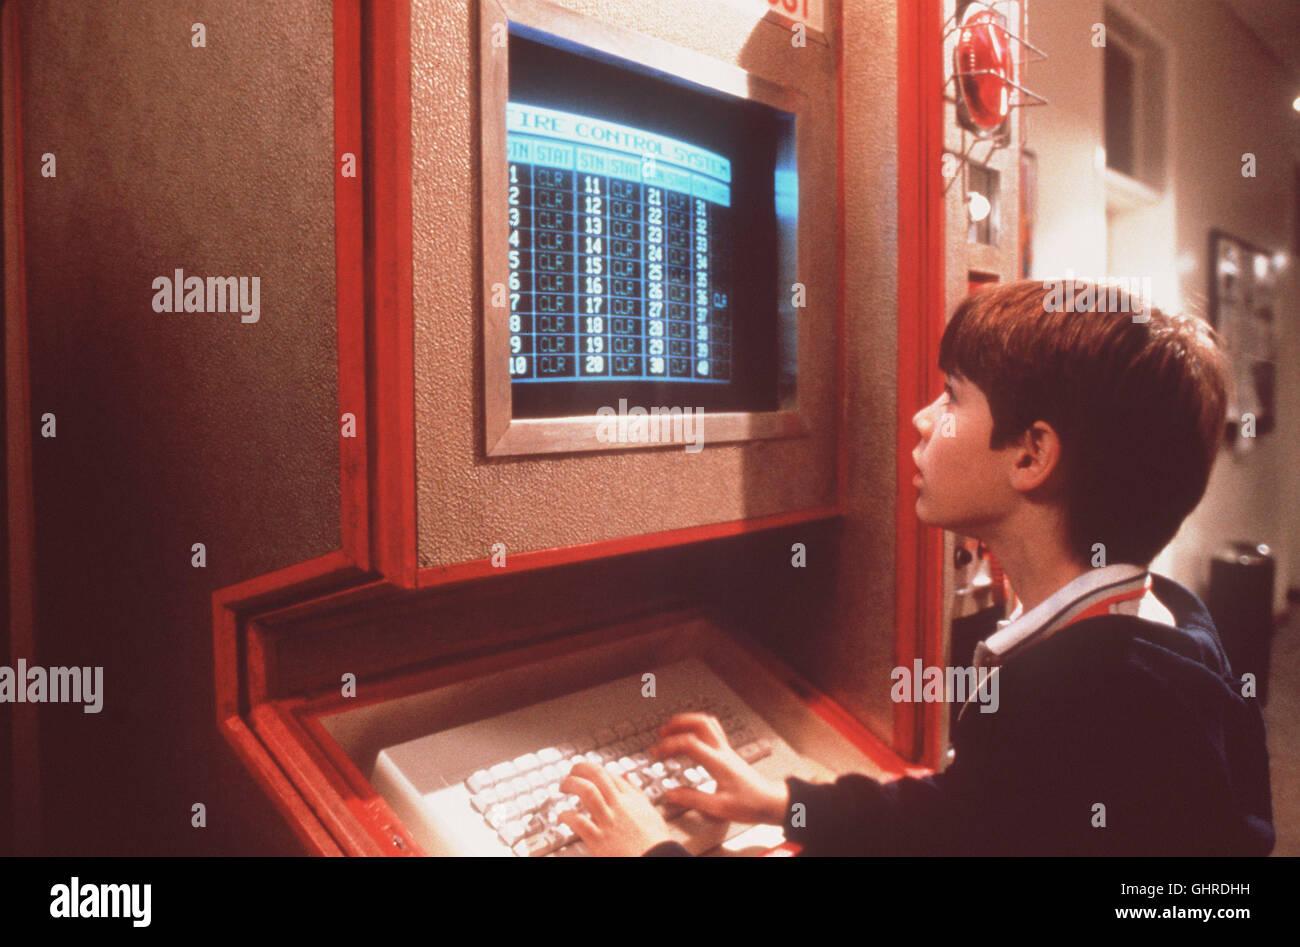 d.a.r.y.l. - der außergewöhnliche - Daryl (BARRET OLIVER), ein hochintelligenter zwölfjähriger, der nach einem Autounfall Stock Photo